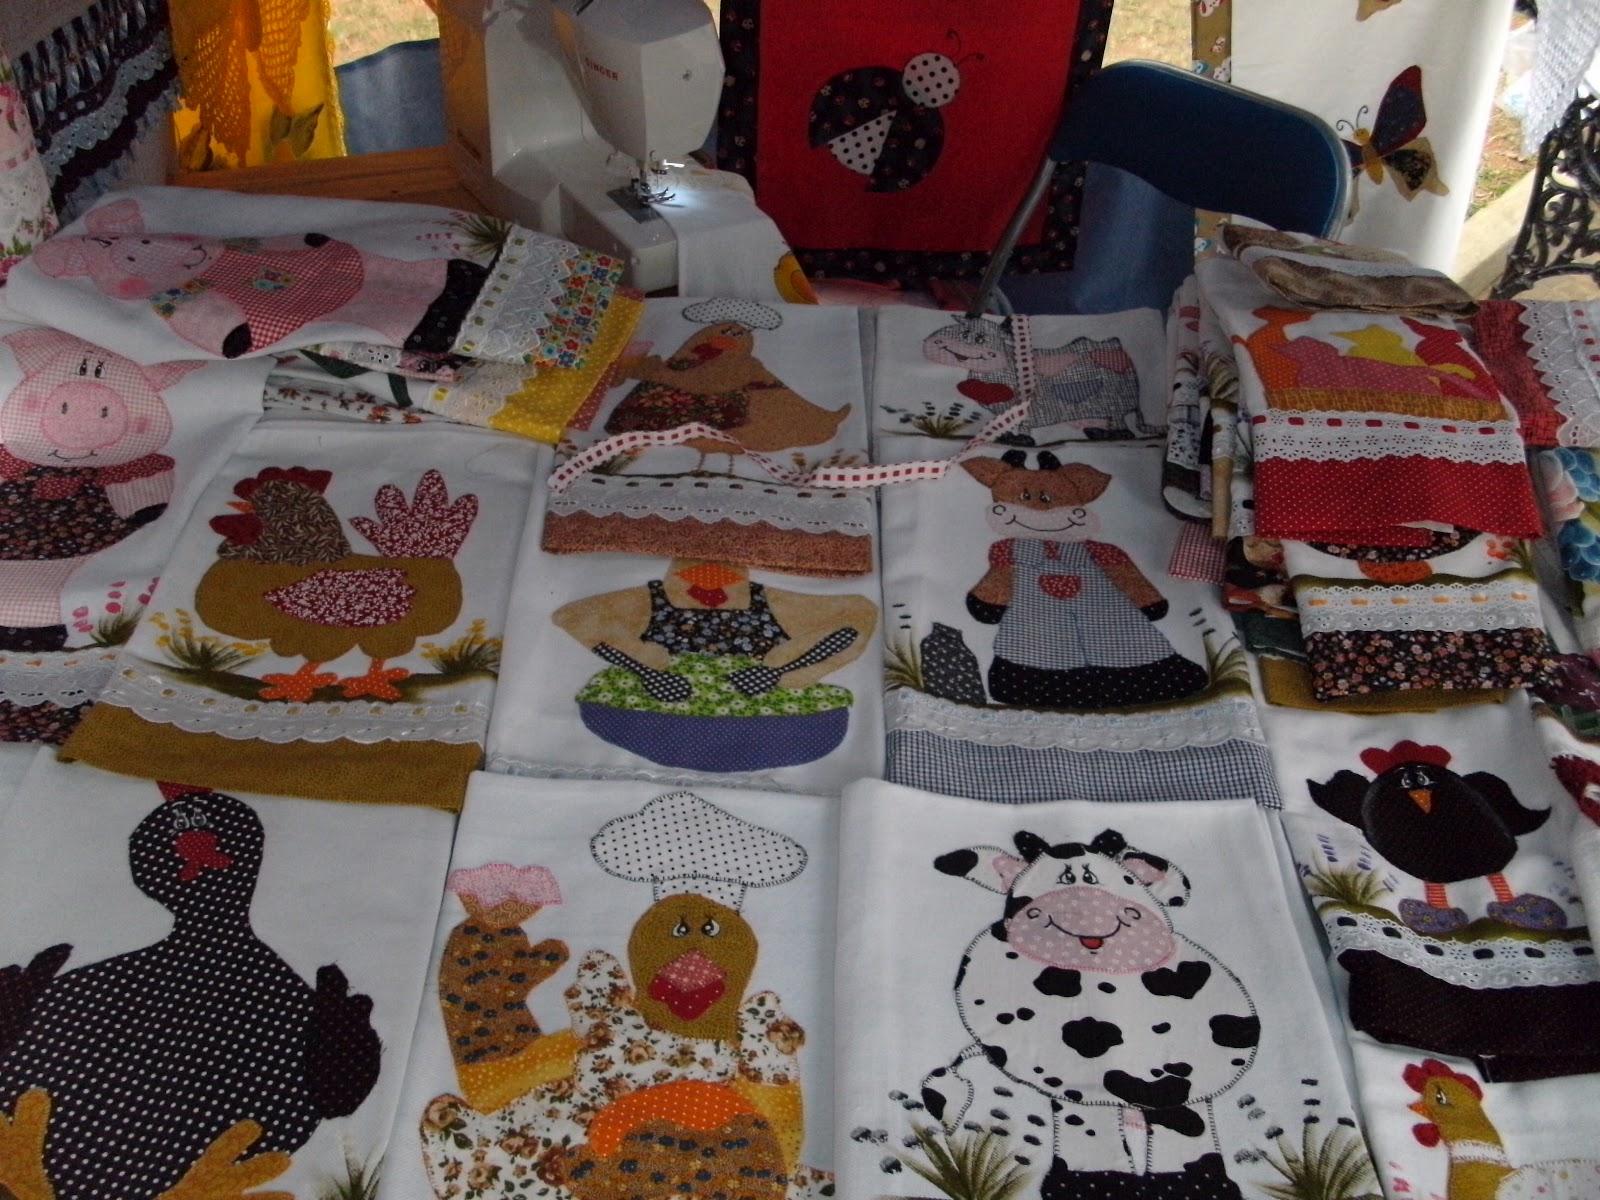 Armario Ropero Sinonimos ~ feira de artesanato em Sorocaba PONTO CRUZ PATCHWORK PATCH APLIQUE FUXICOS